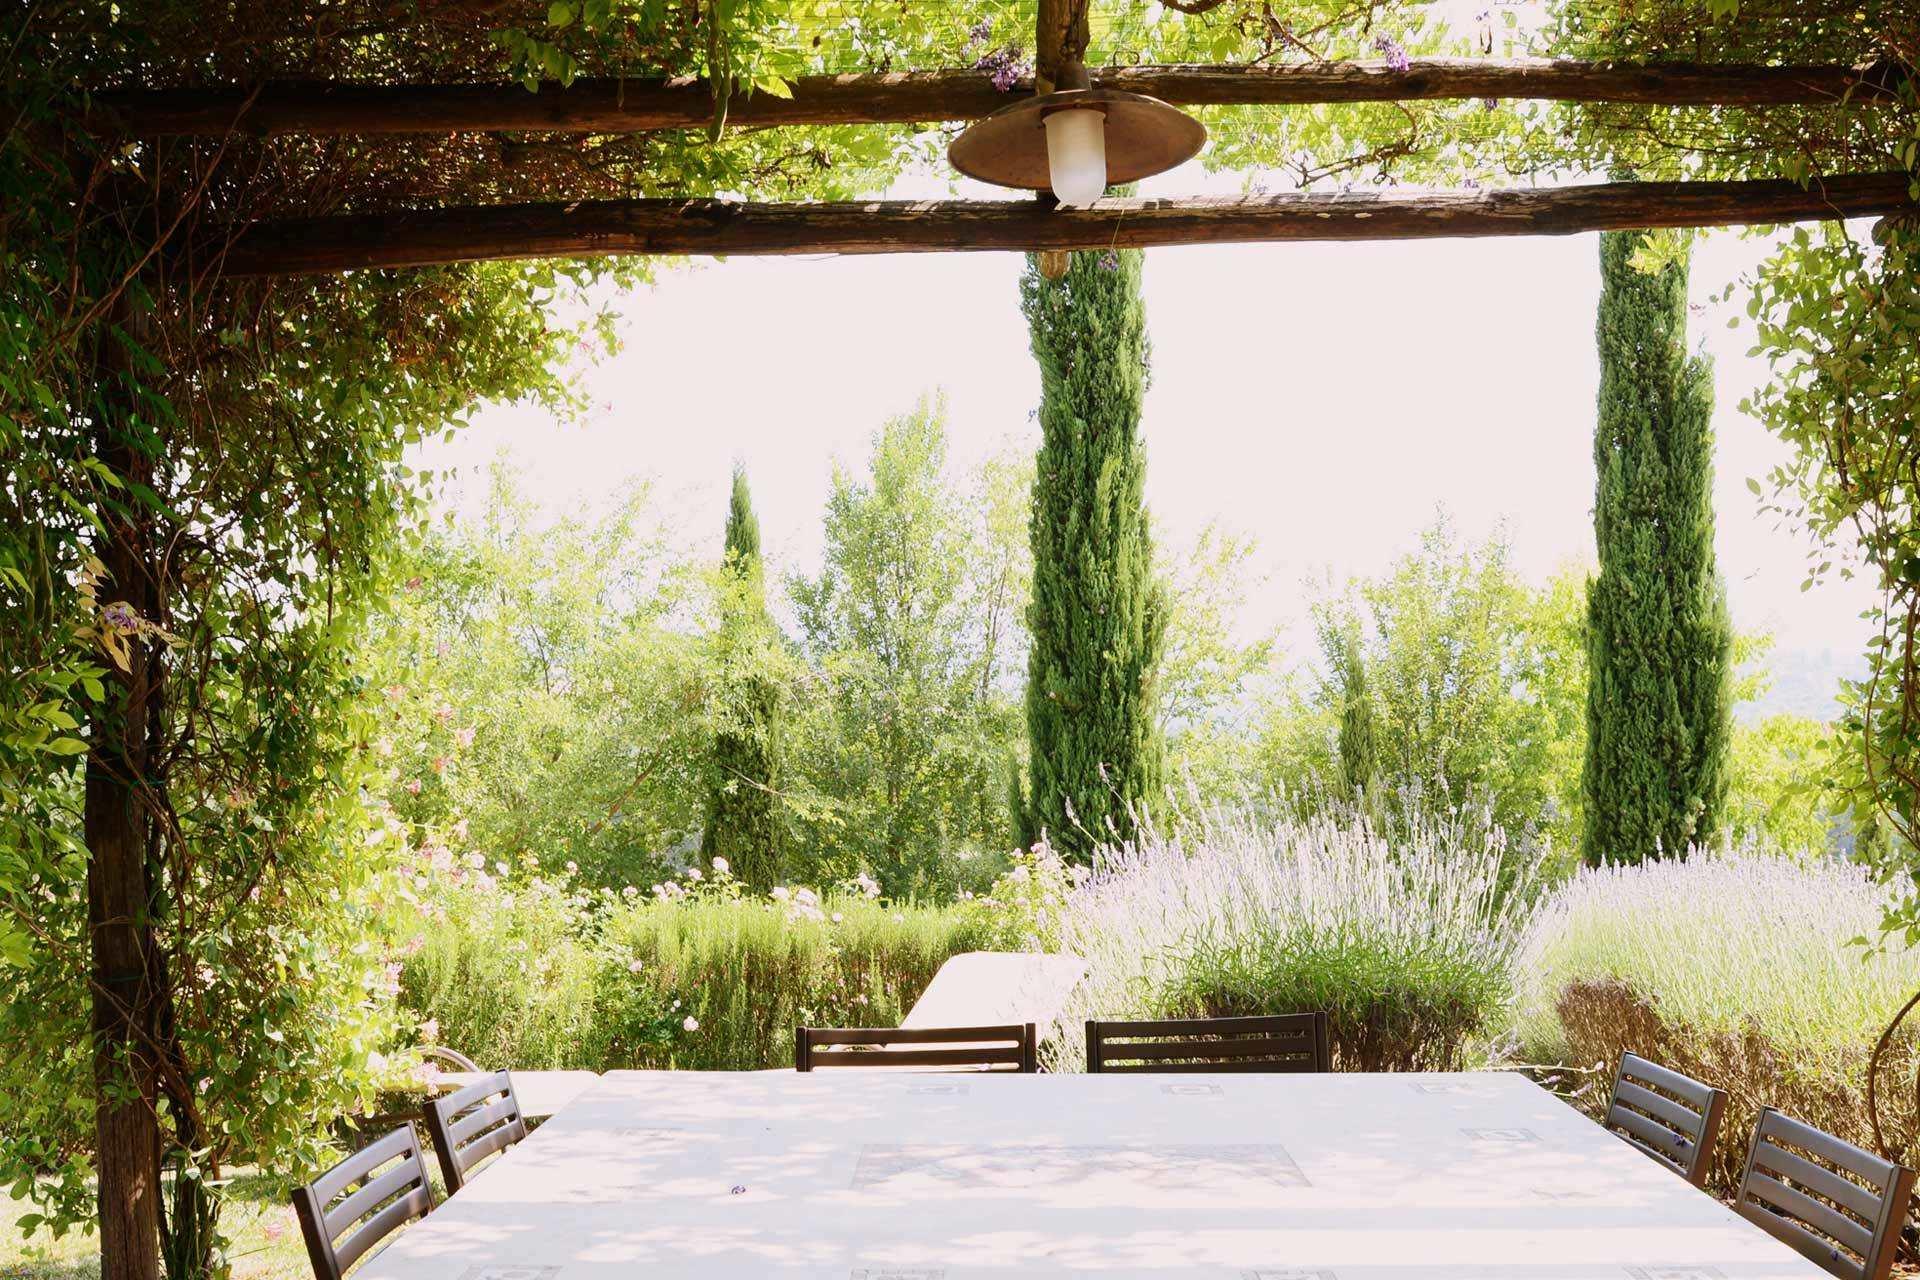 6211-giardino